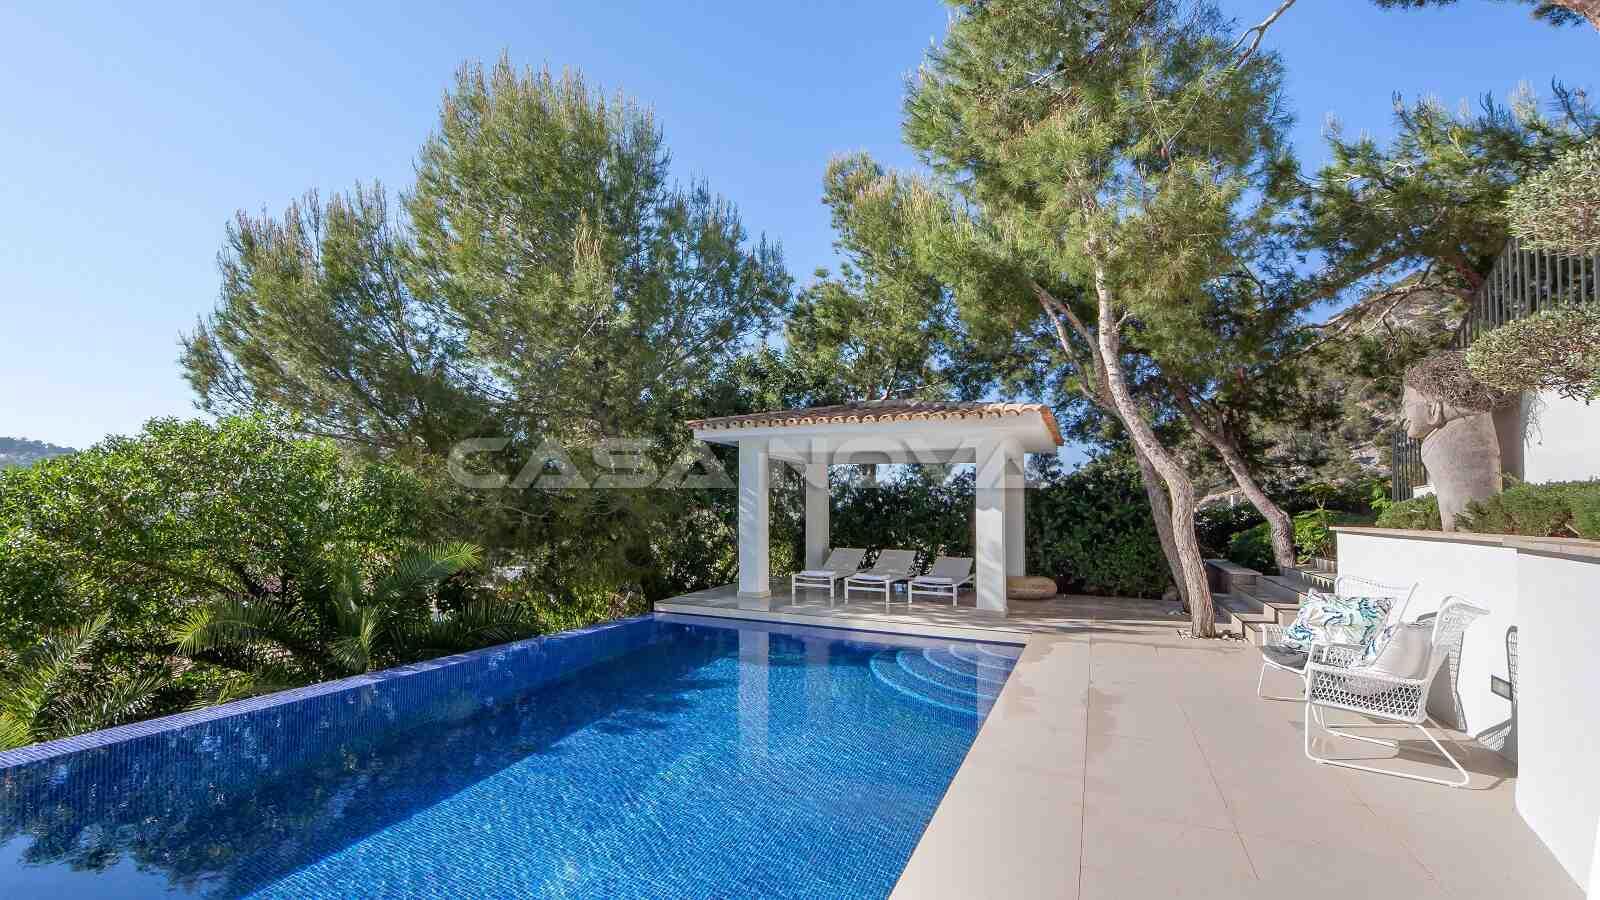 Großer Swimmingpool mit Terrasse und Poolhaus